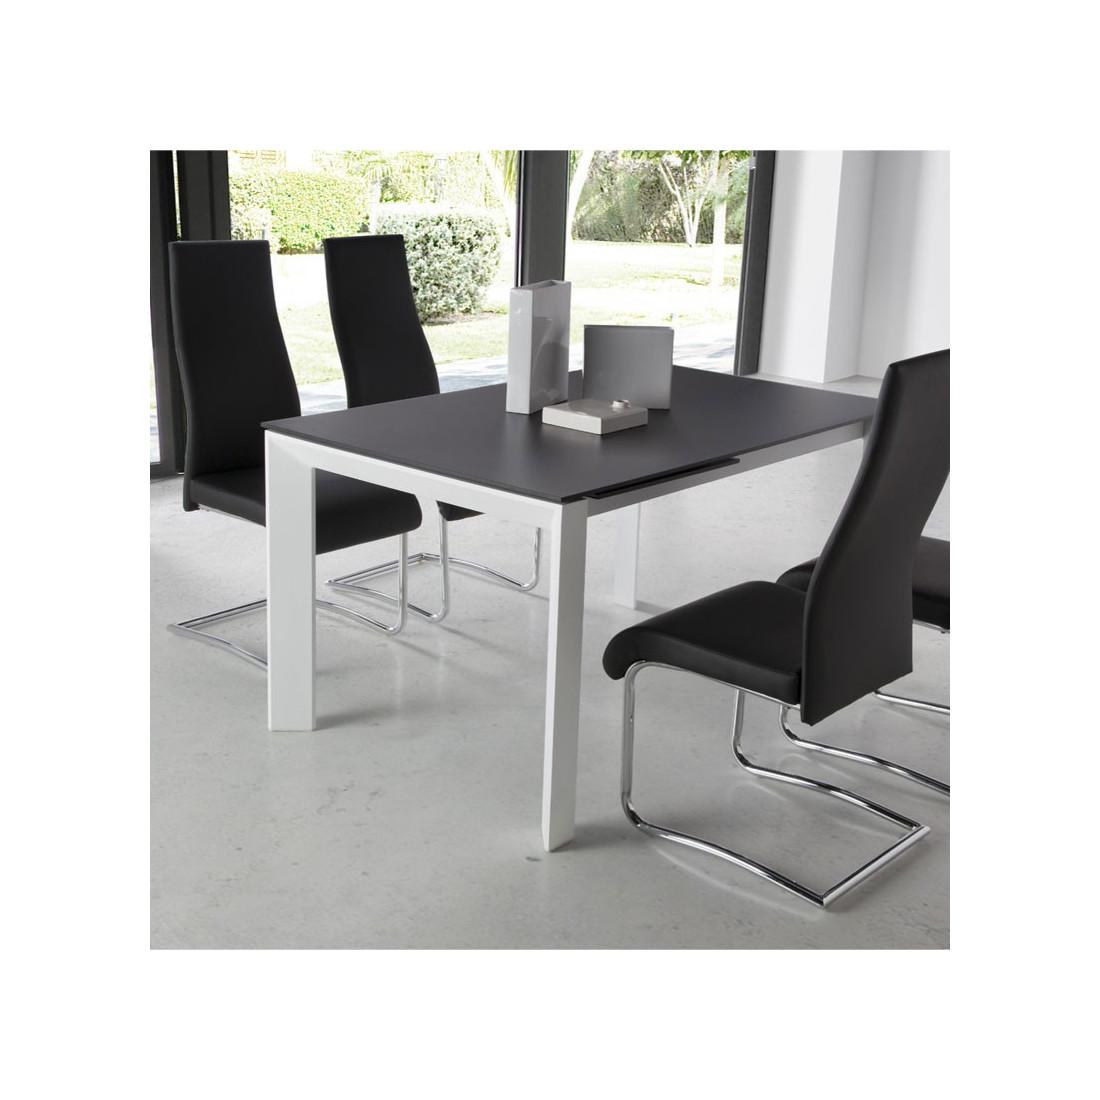 table de repas allonge plateau verre givr noir mista. Black Bedroom Furniture Sets. Home Design Ideas